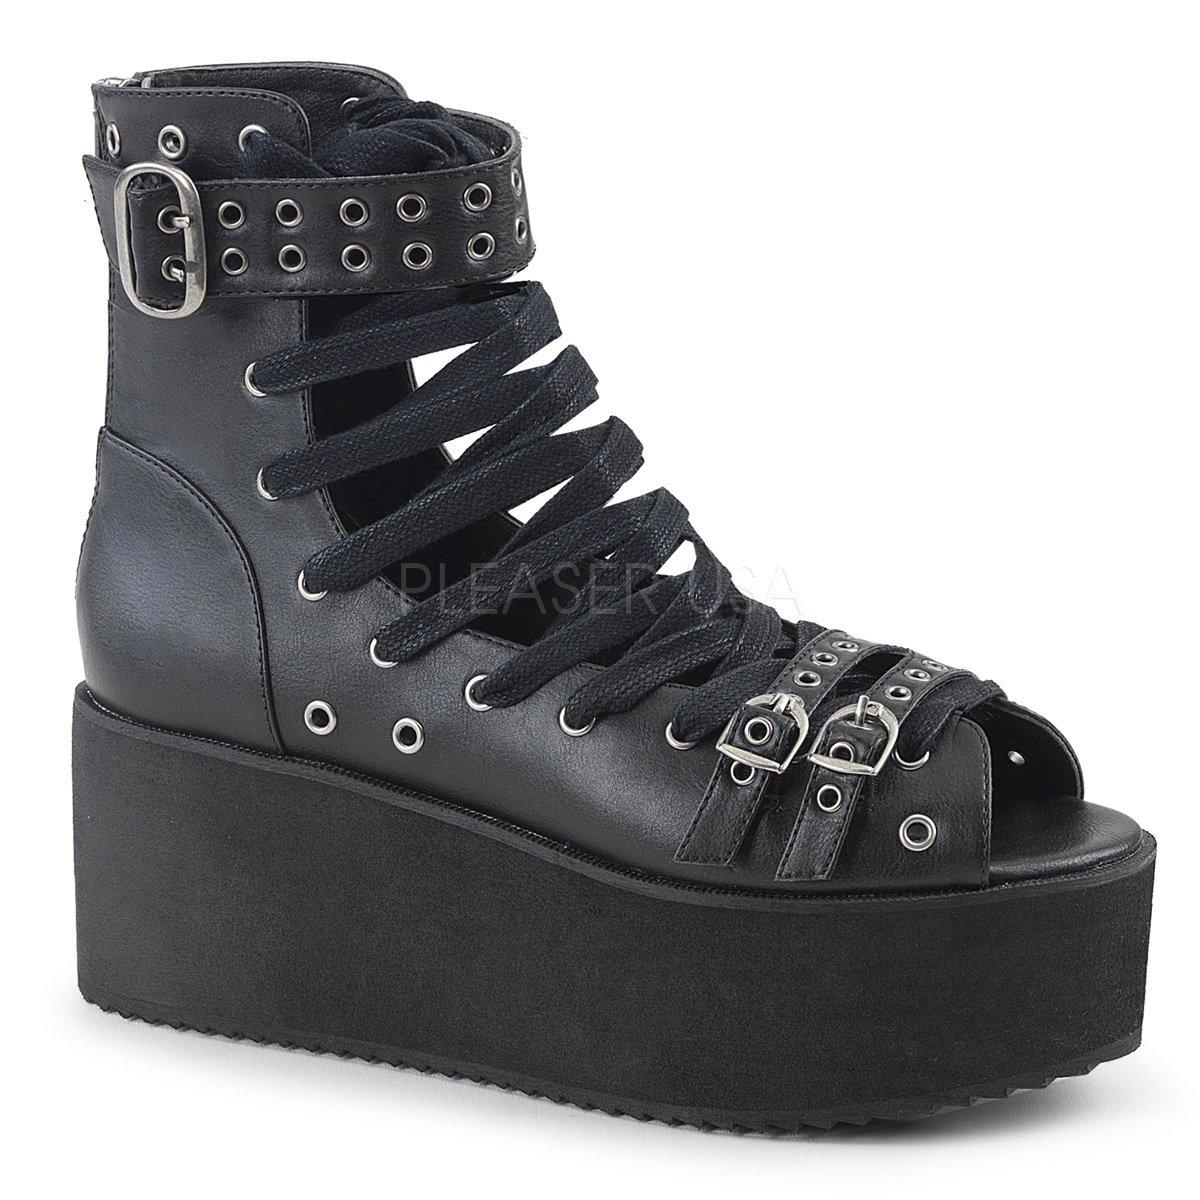 Demonia Womens GRIP-105/BVL Boots B00S0RZRL2 10 B(M) US